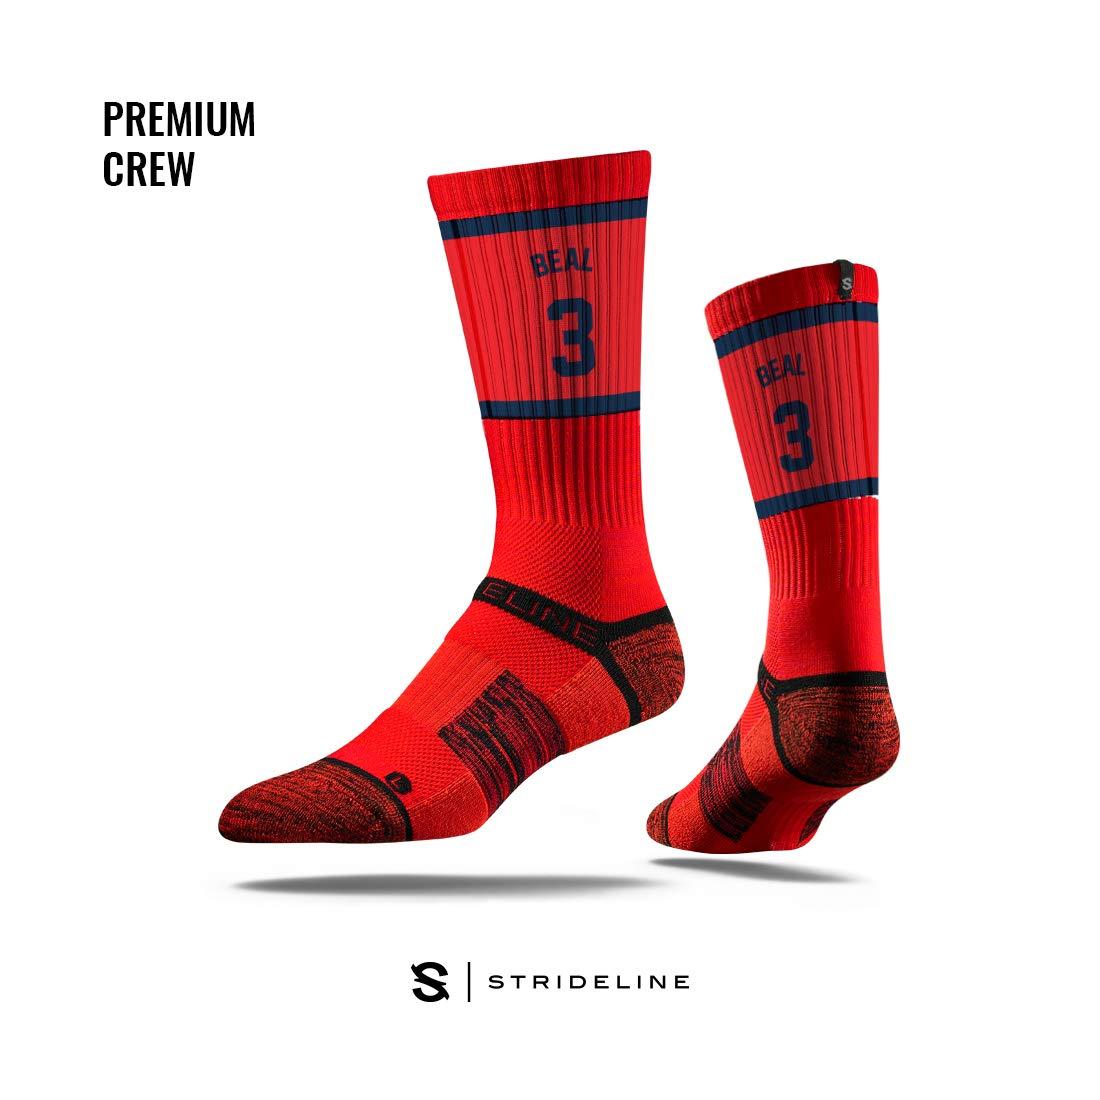 One Size Strideline NBA Premium Athletic Crew Socks